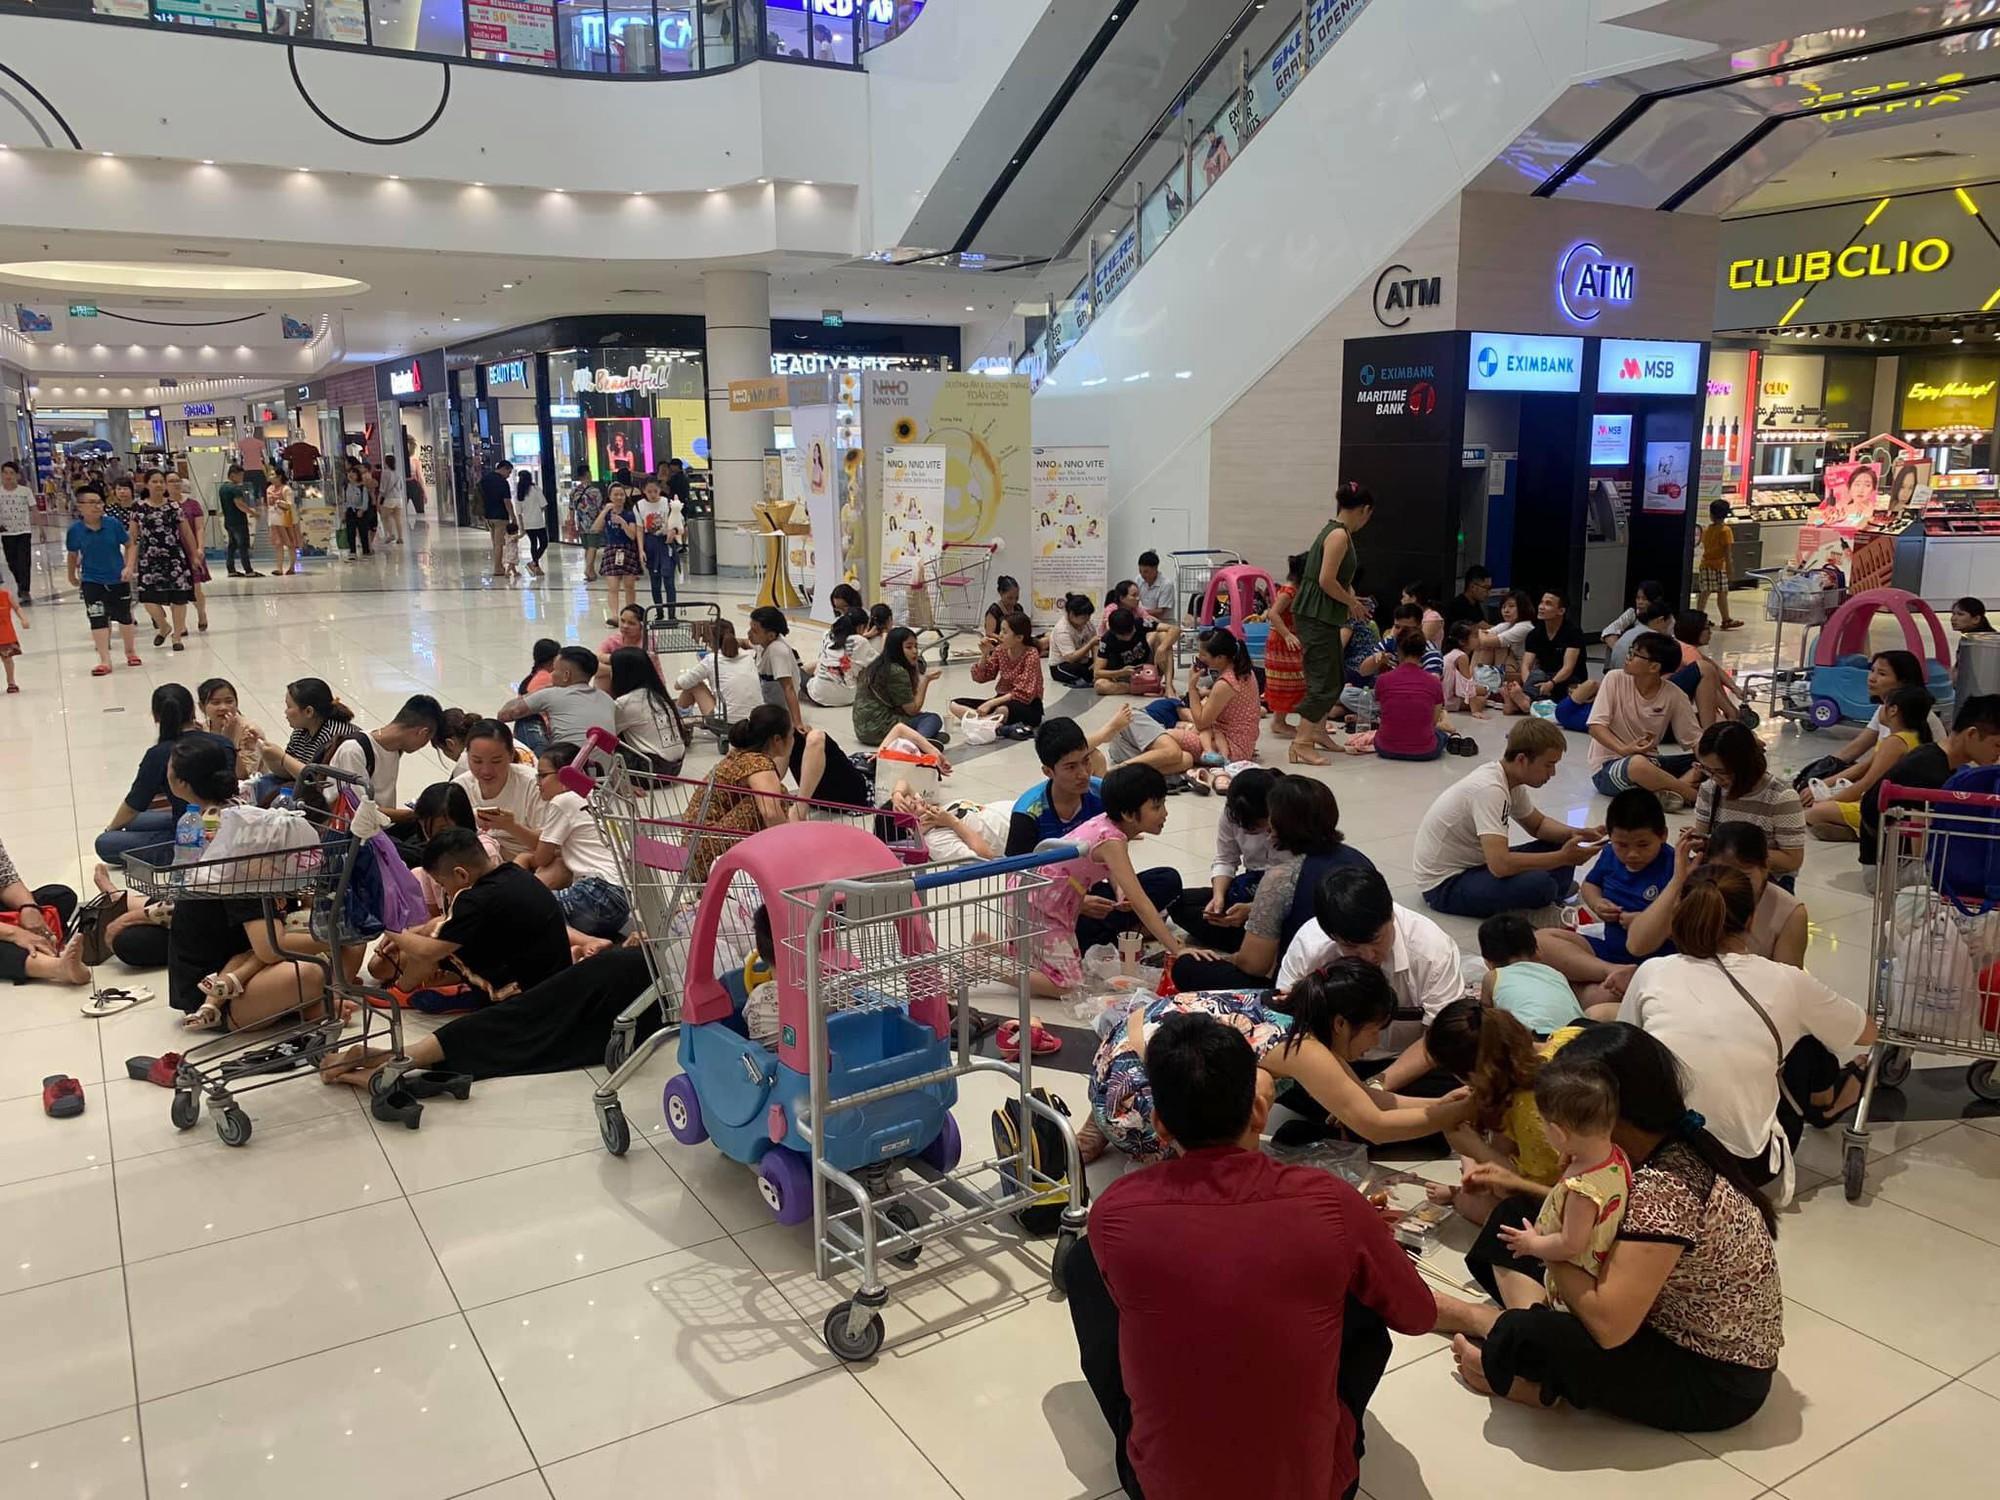 Nhiều người Hà Nội vào nằm ngồi la liệt để tránh nóng, Aeon Mall lập tức bổ sung thêm bàn ghế để phục vụ khách hàng - Ảnh 4.